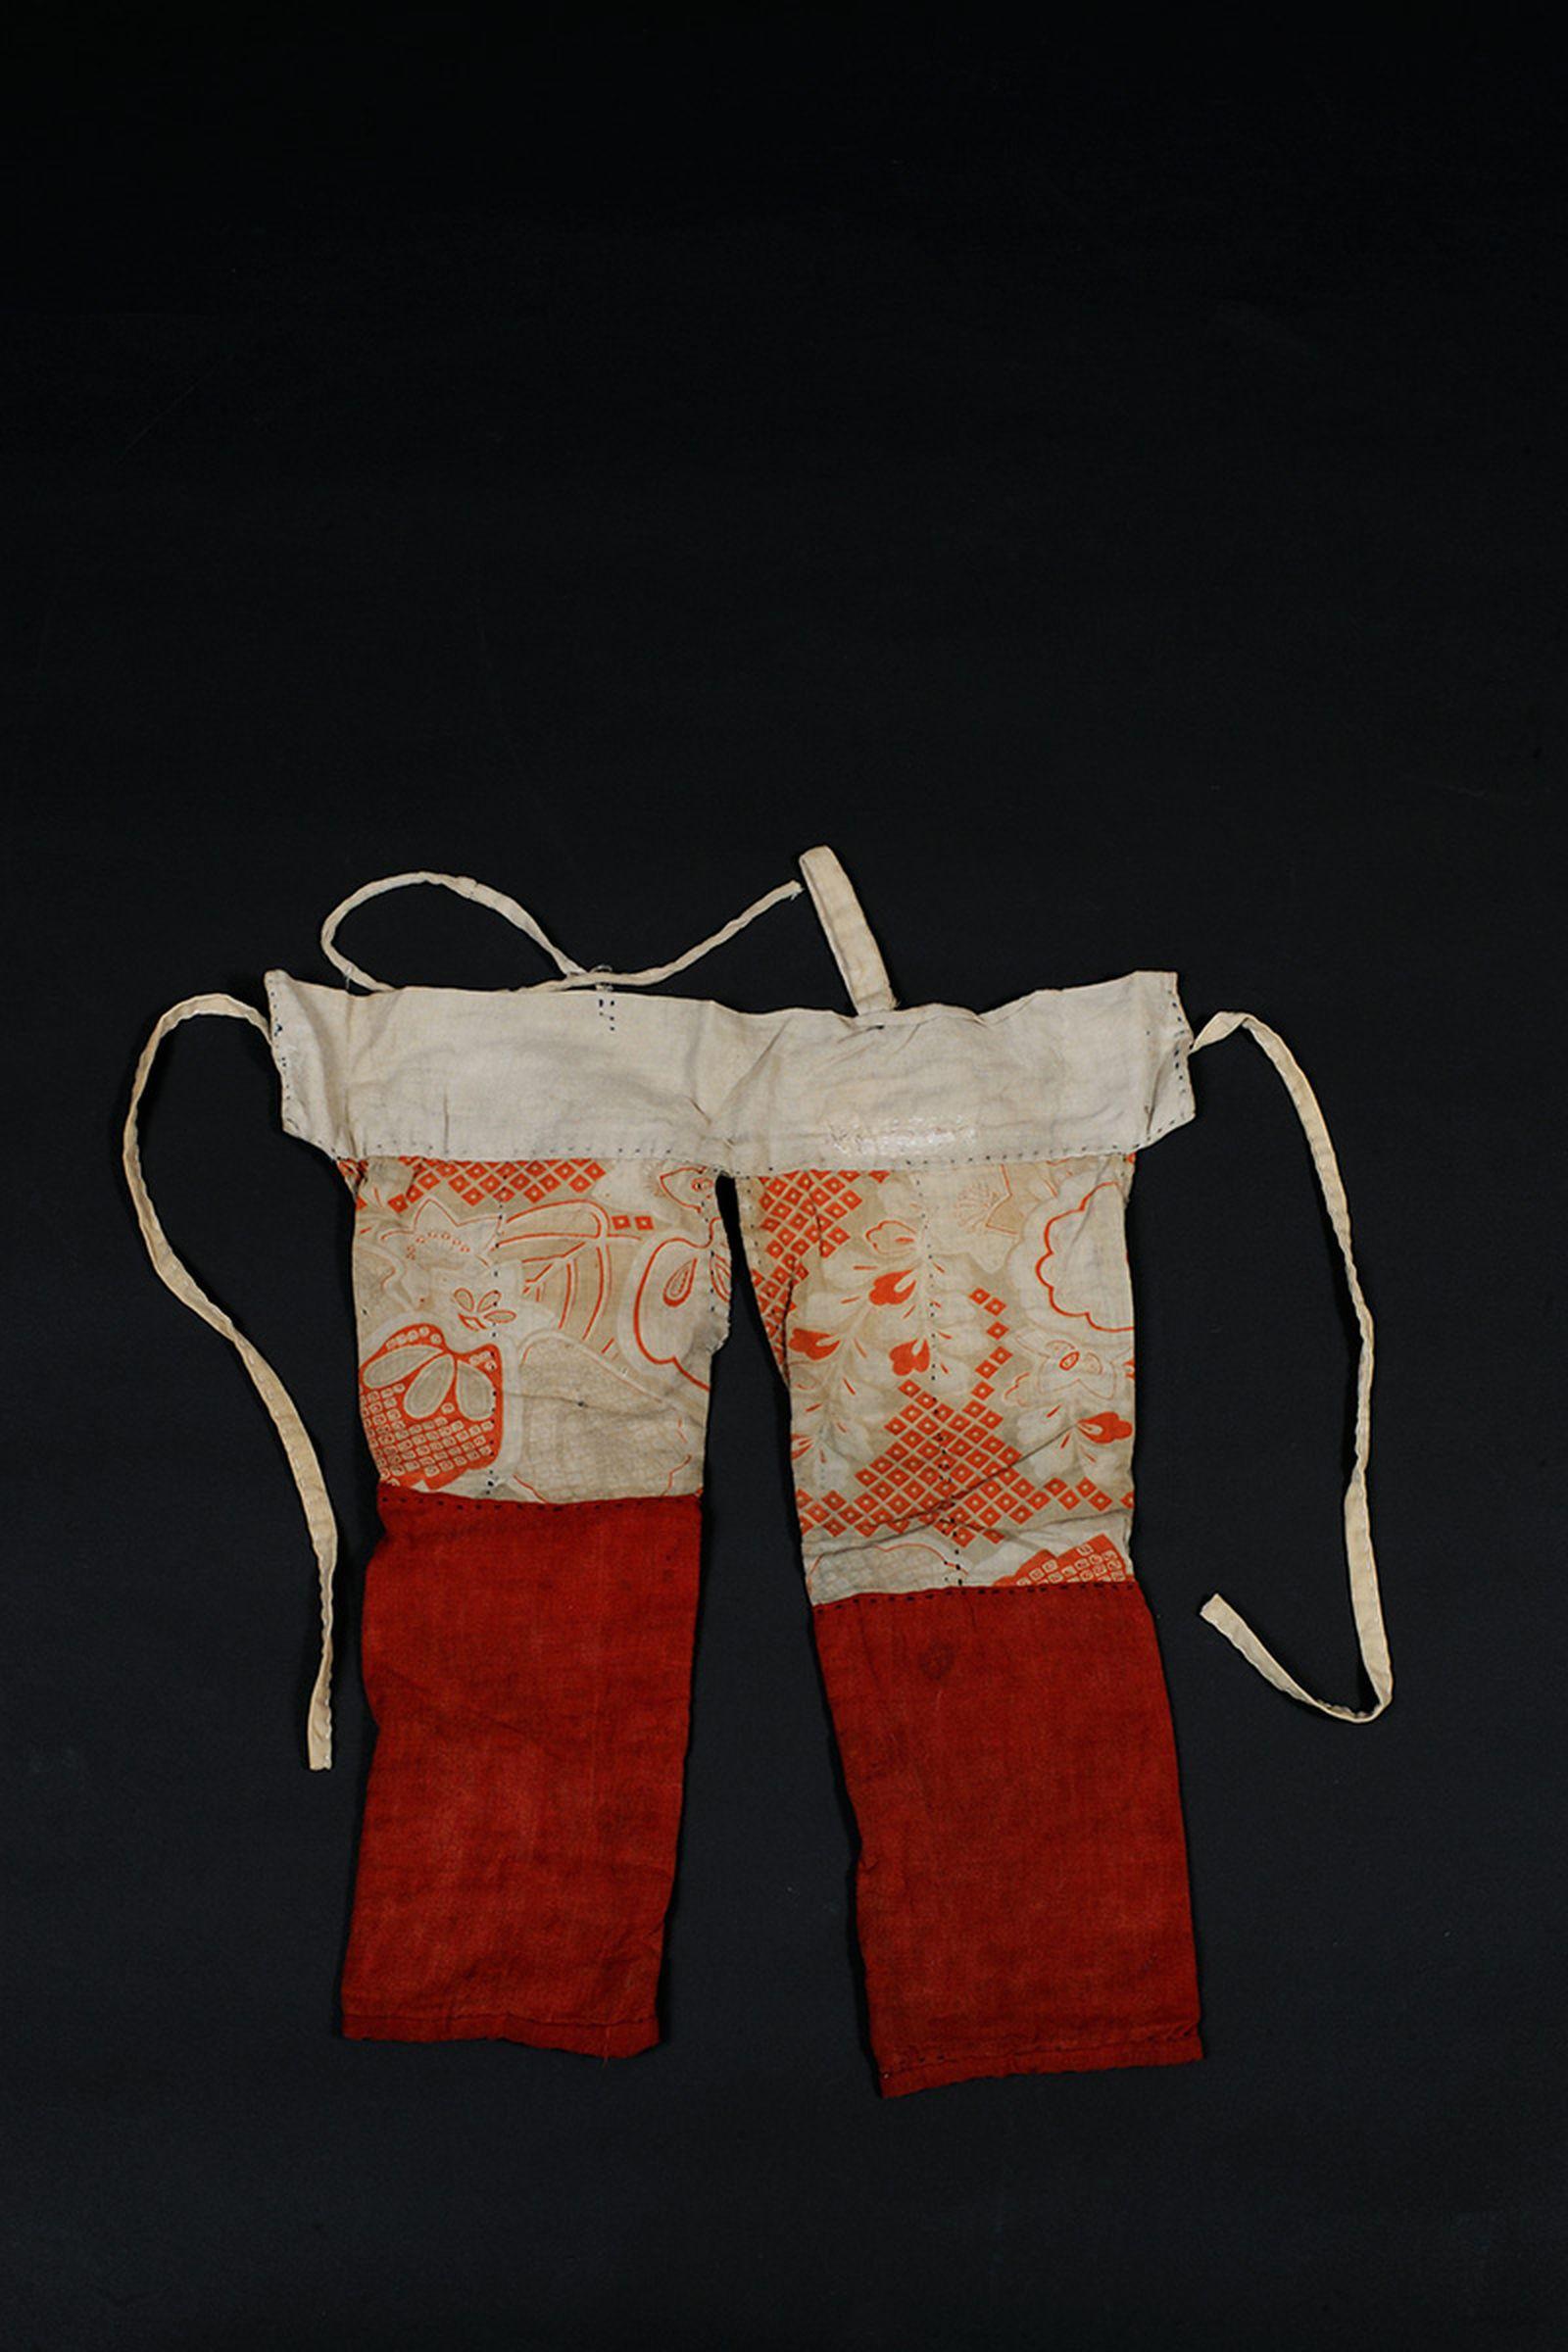 boro-textiles-sustainable-fashion-10